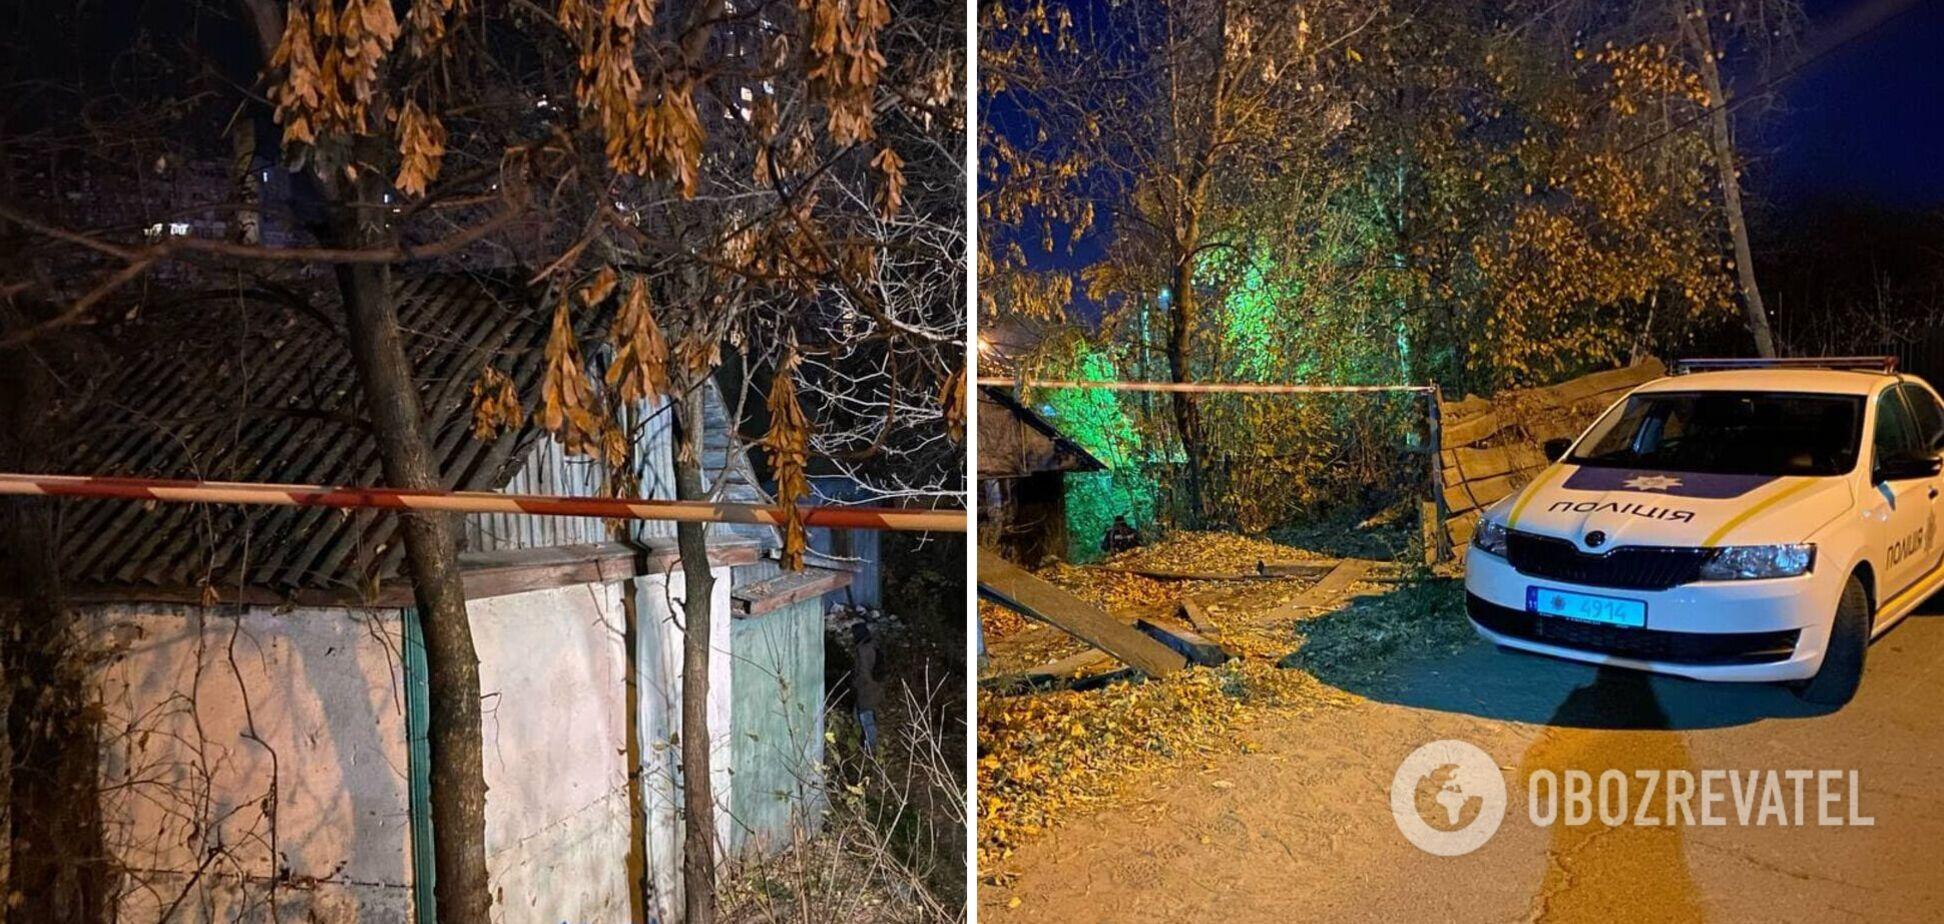 У Києві виявили мертвим 36-річного ветерана АТО: з'ясувалися деталі трагедії. Фото